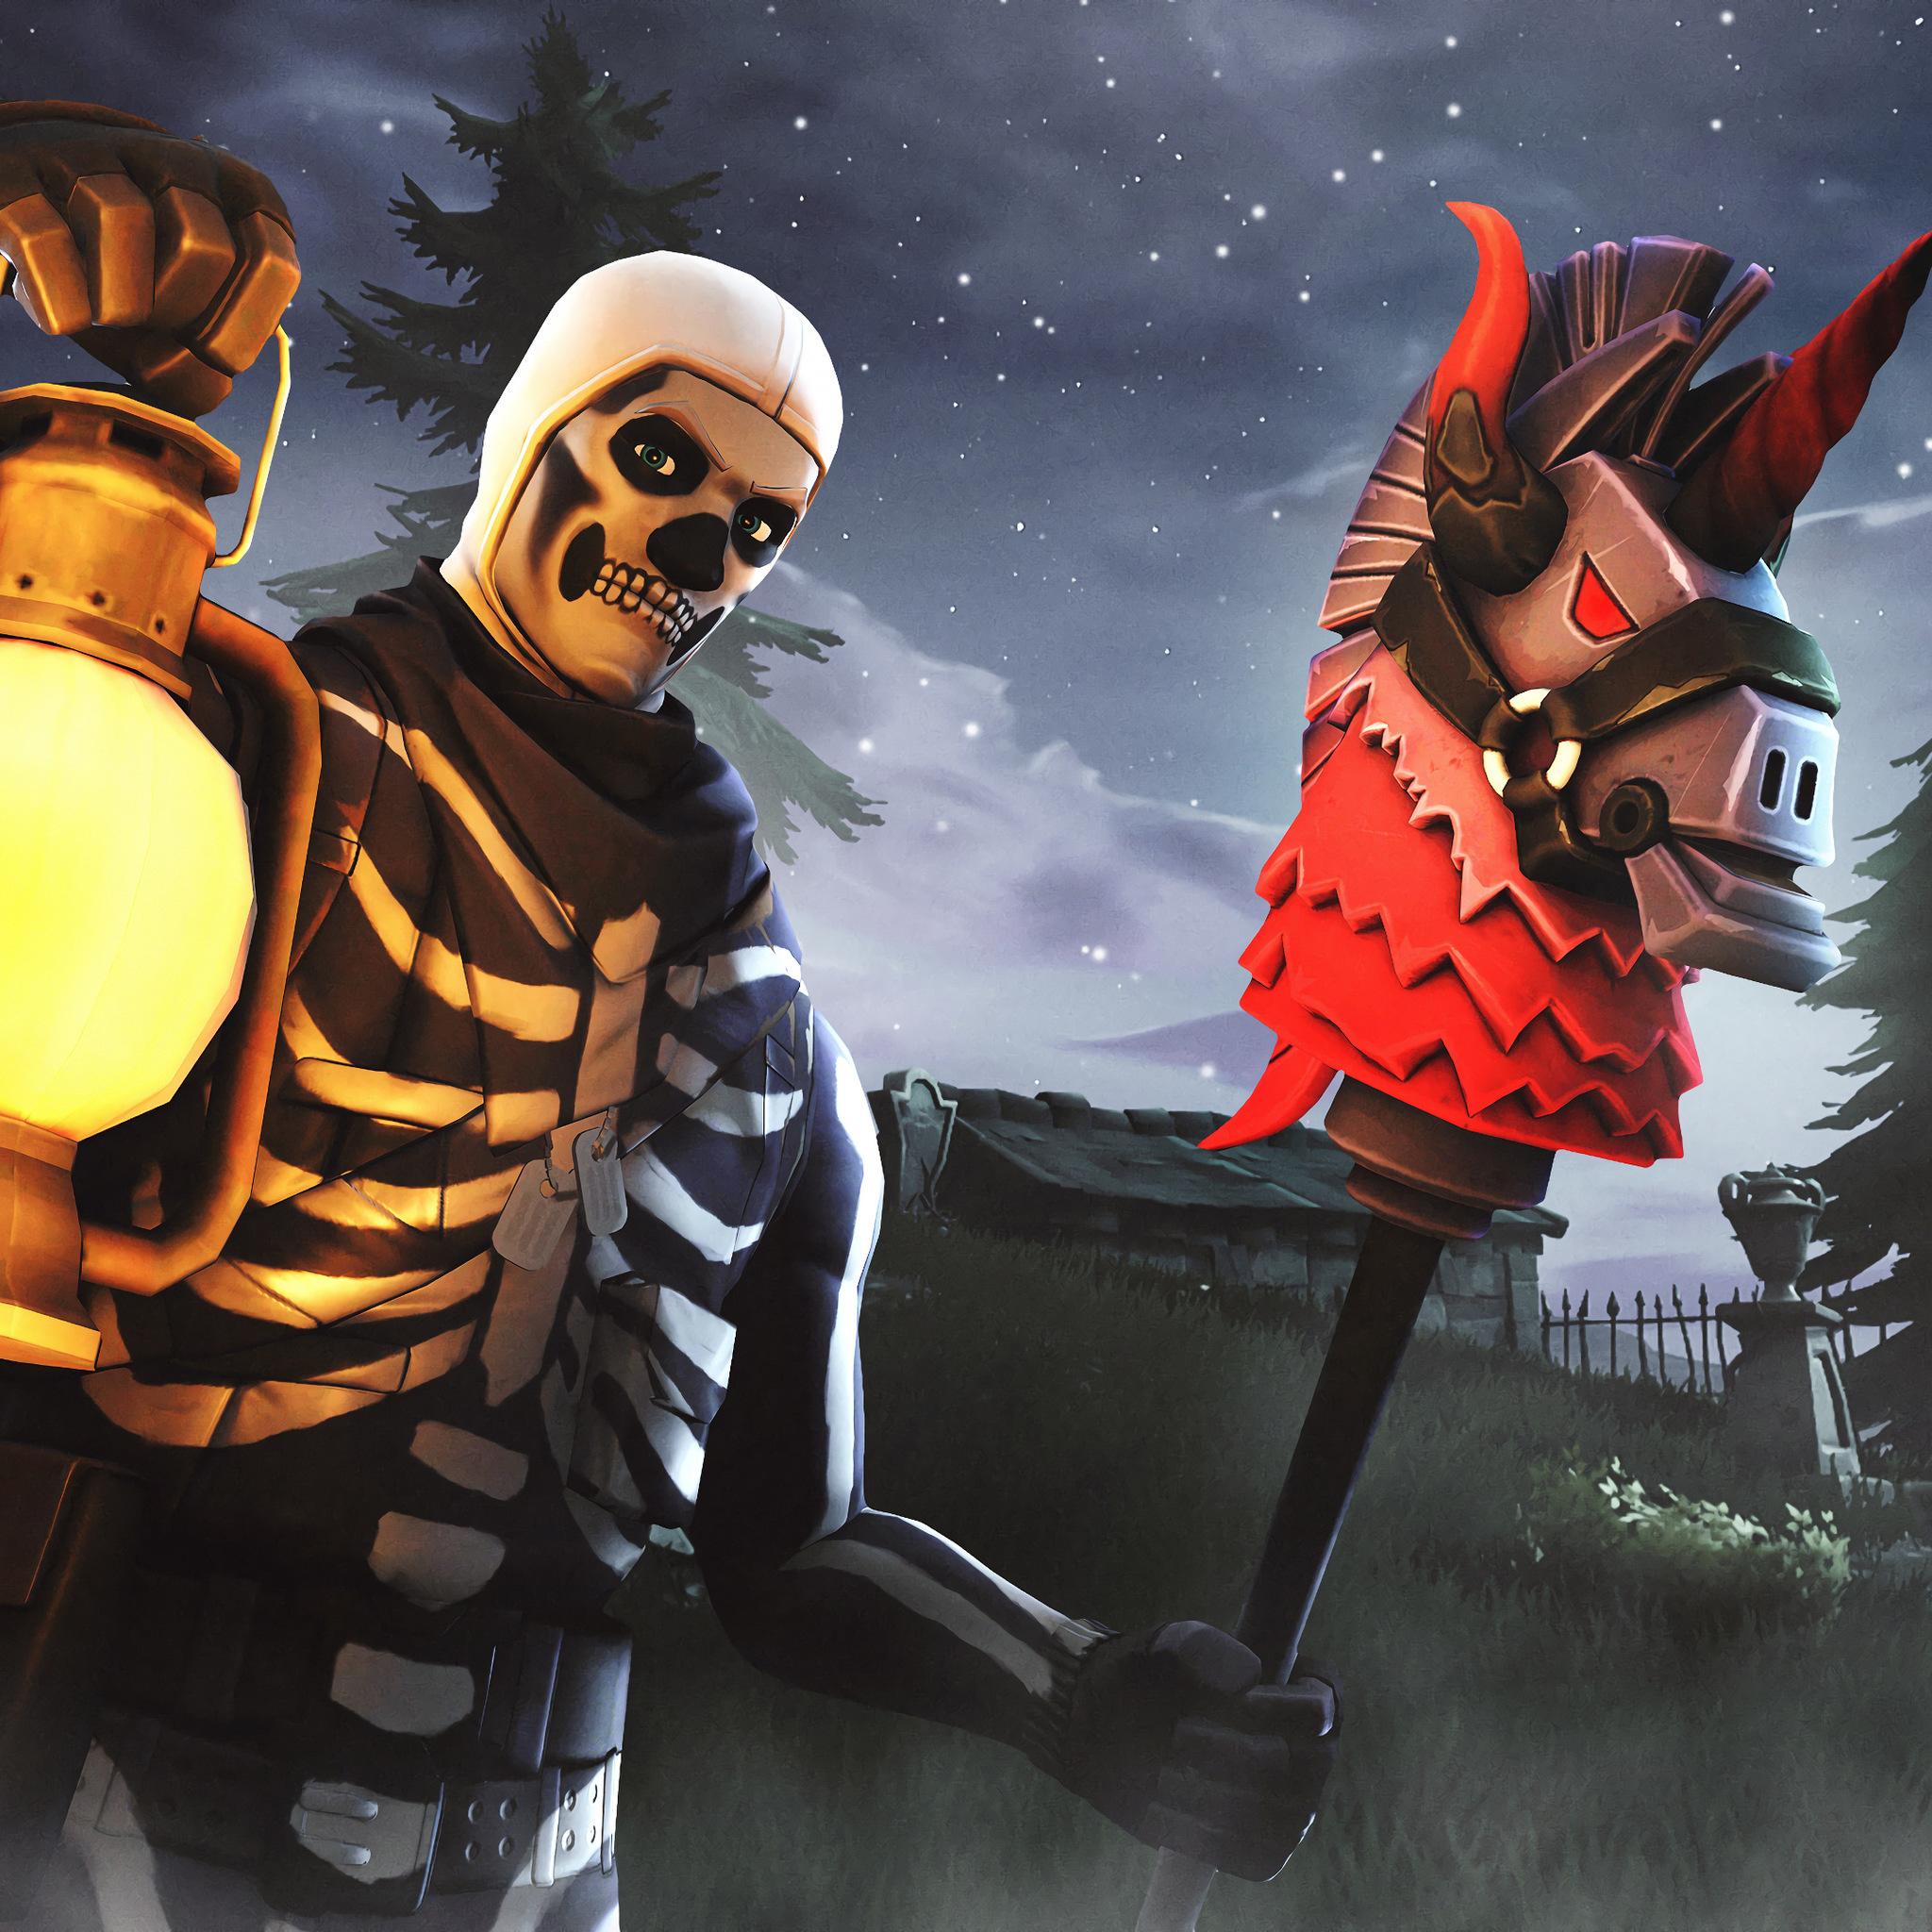 2048x2048 Skull Trooper Fortnite Season 6 4K Ipad Air HD 4k 2048x2048